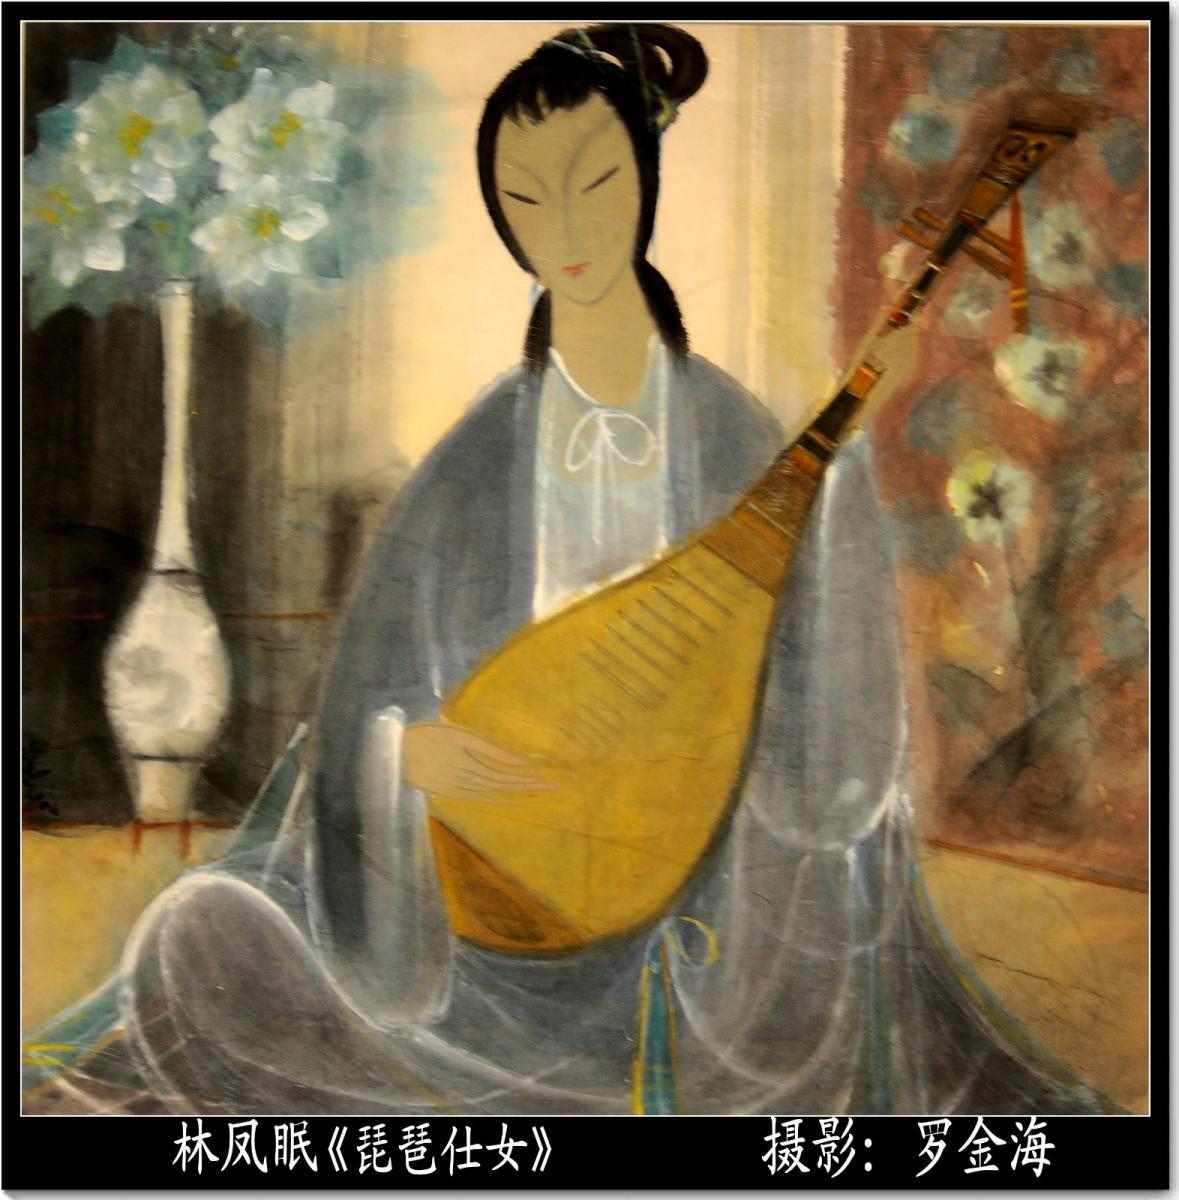 秋夕(诗 词)_图1-1